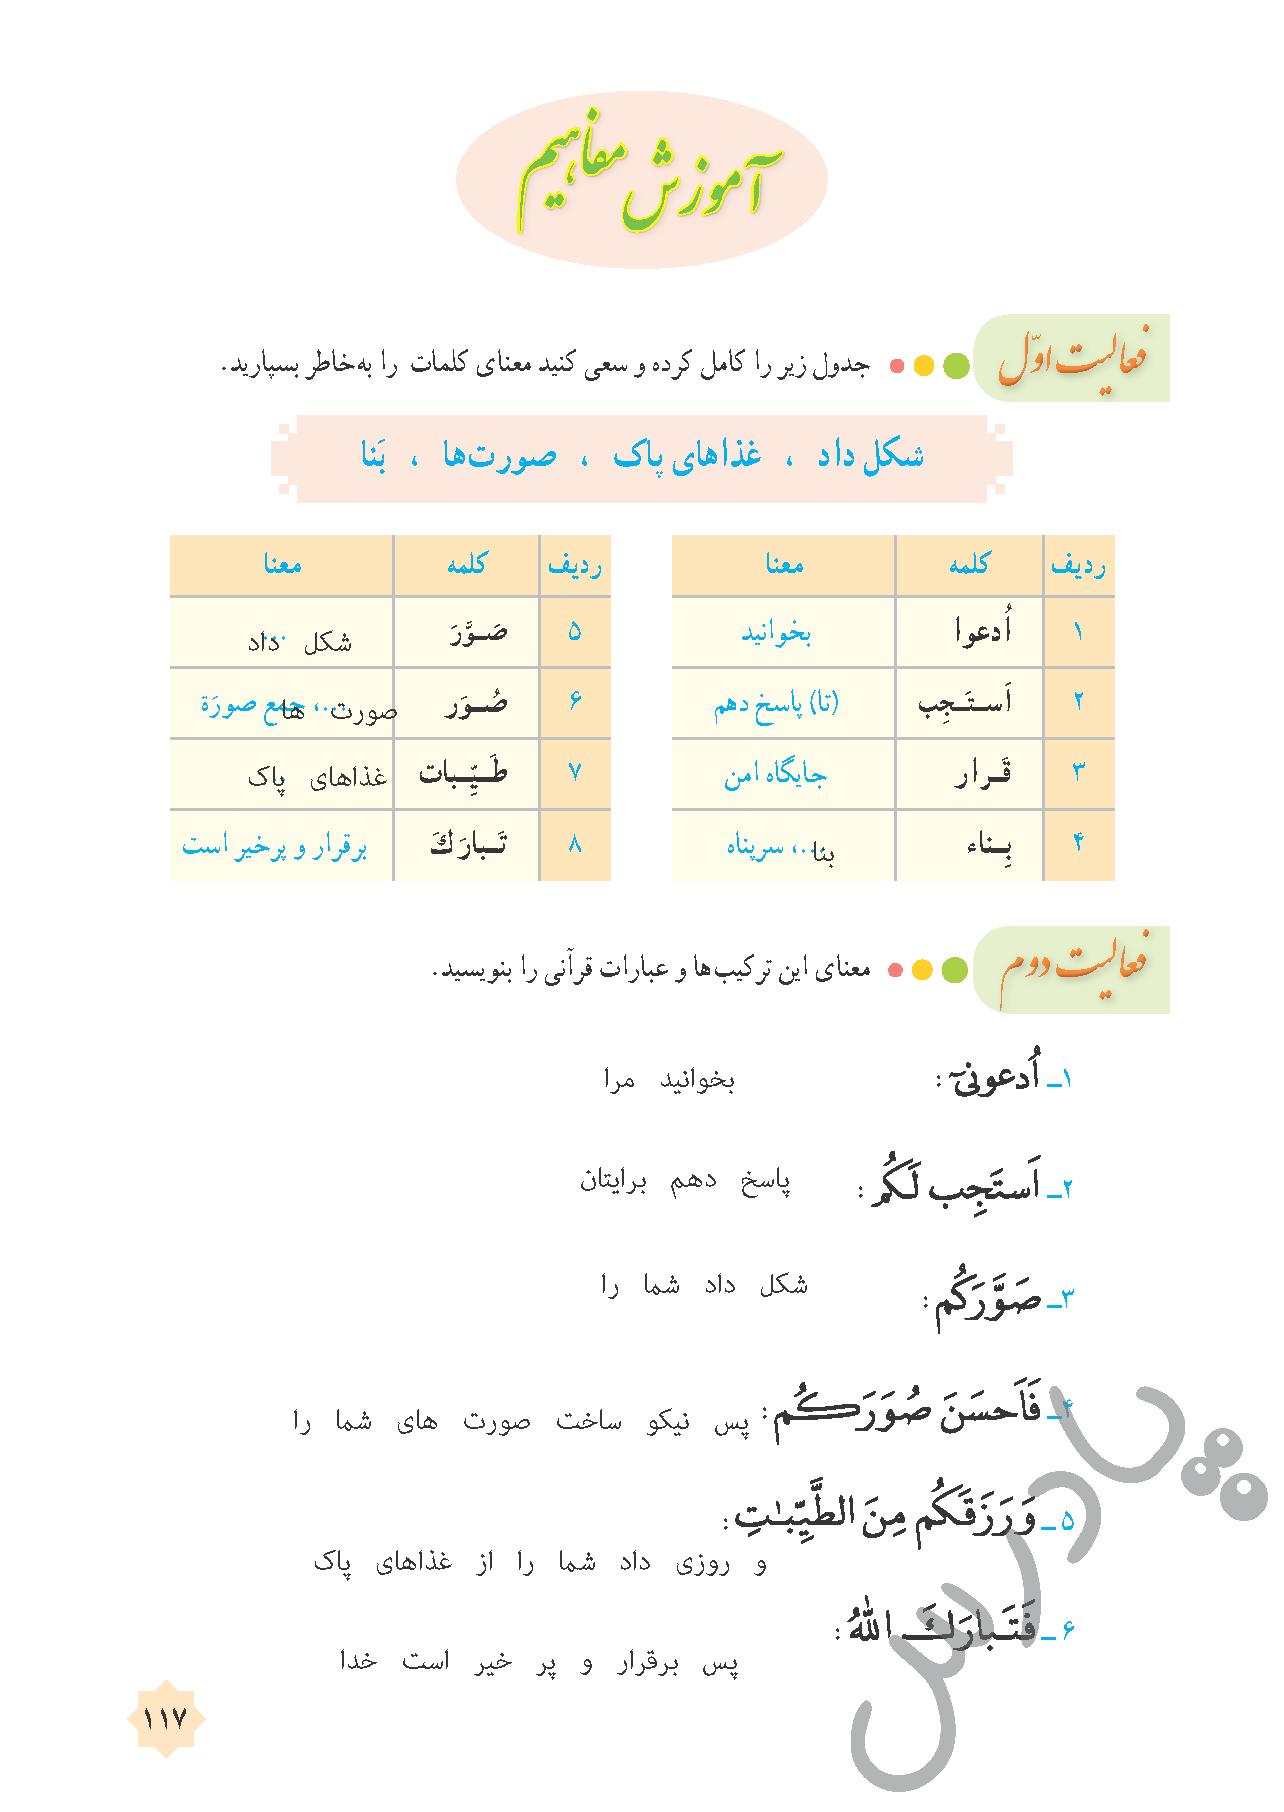 پاسخ فعالیت های درس 12 قرآن هشتم - جلسه دوم